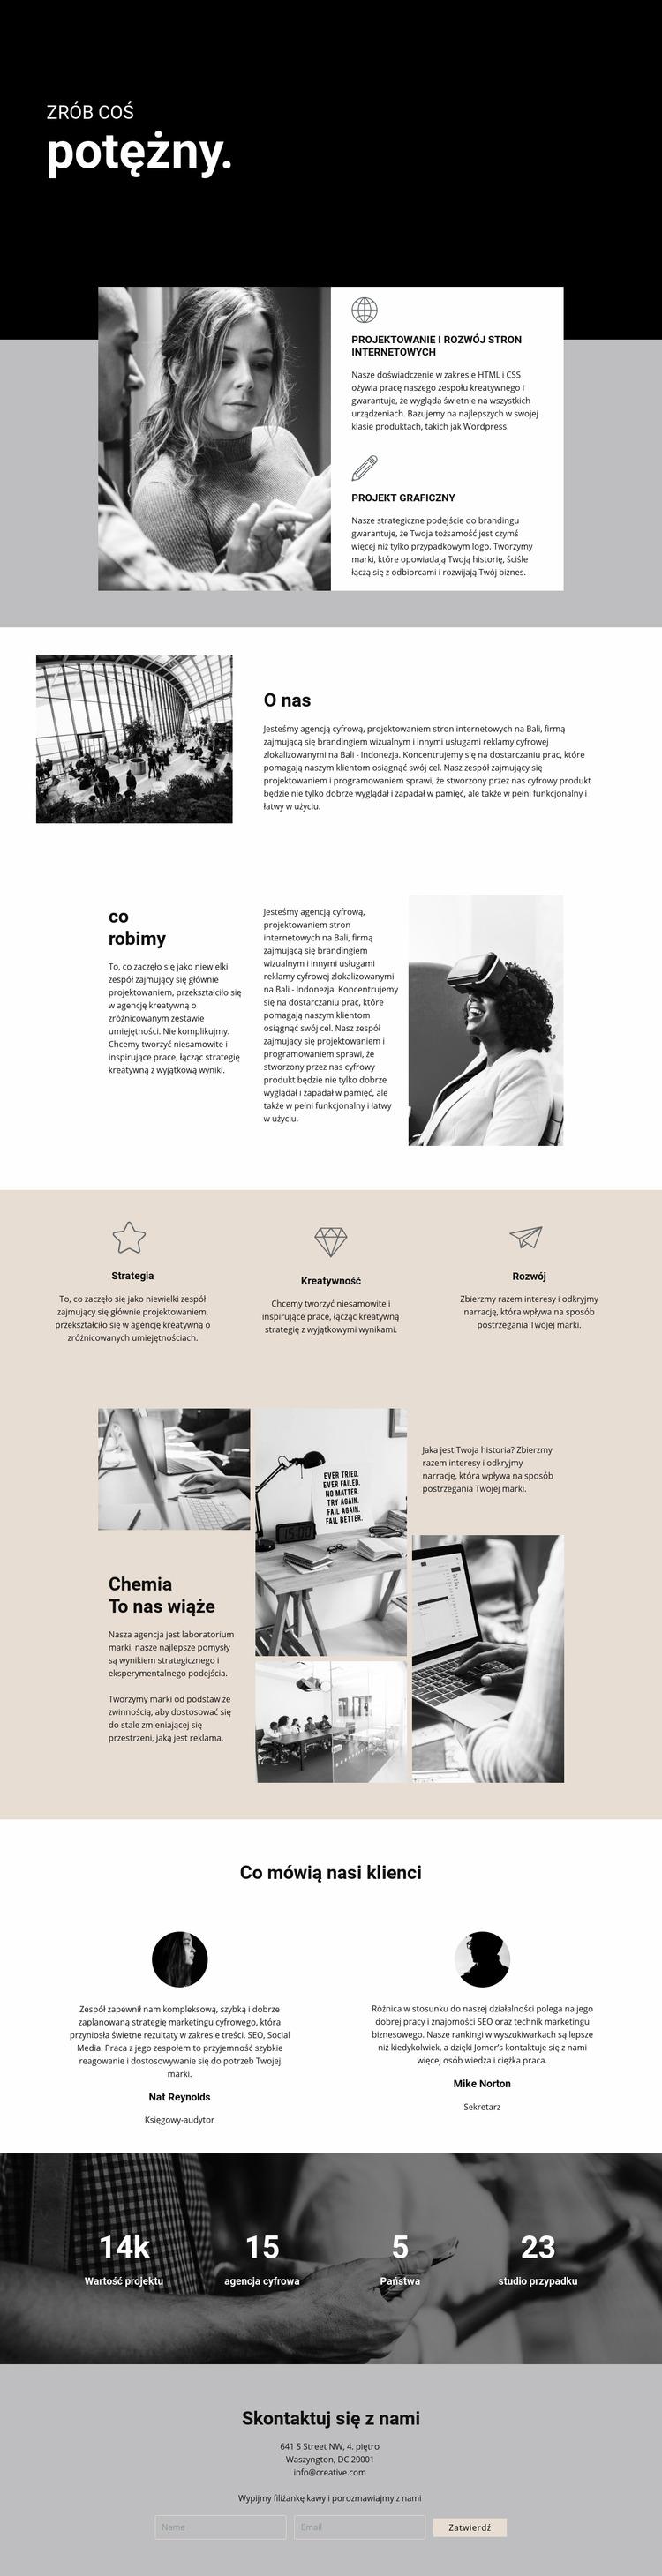 Potęga biznesu cyfrowego Szablon Joomla